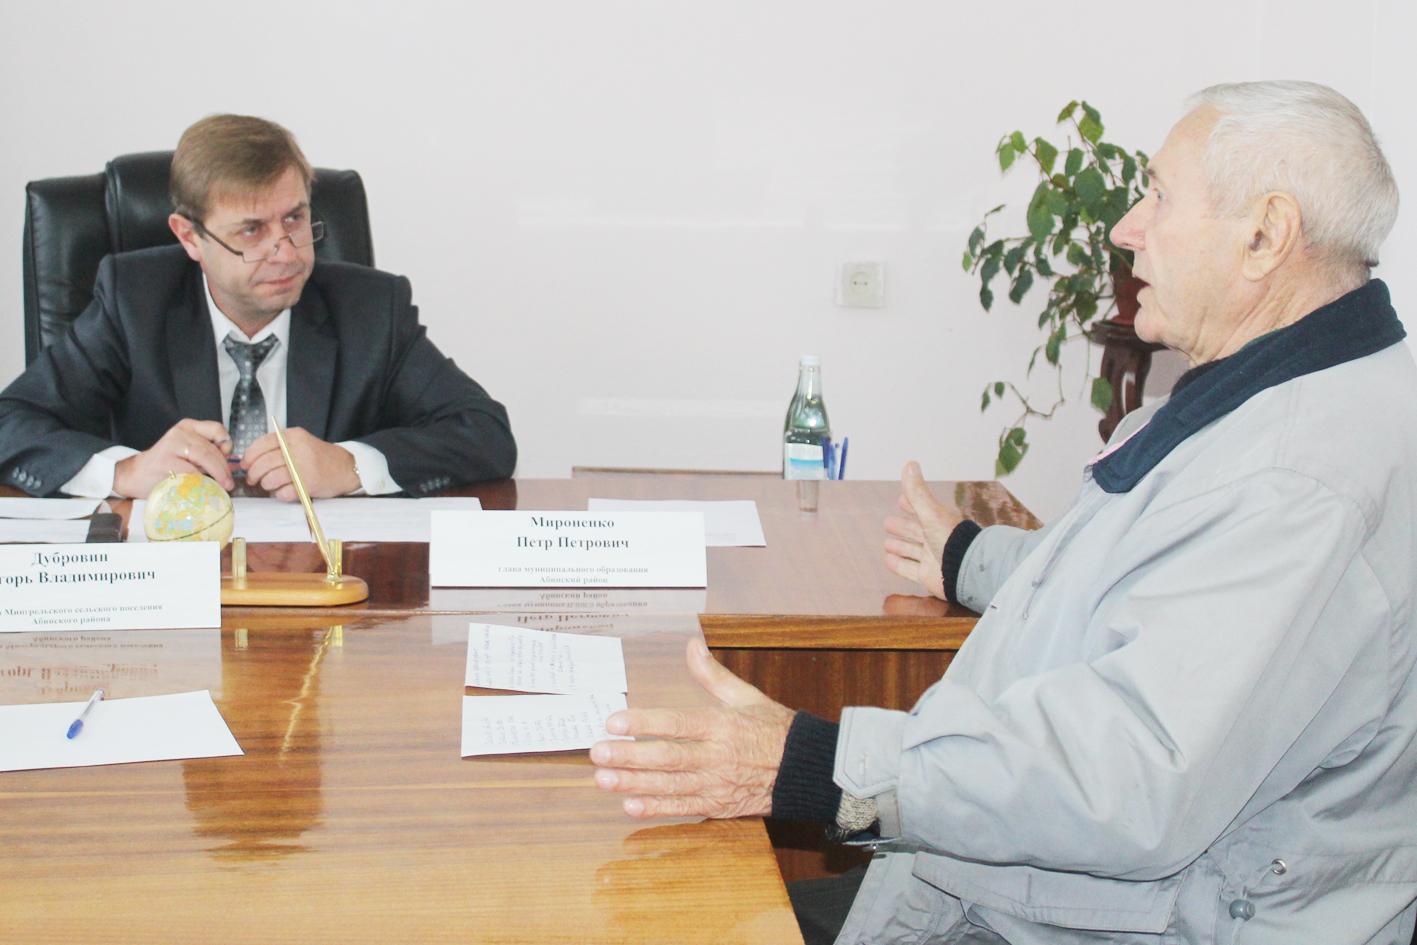 Глава Абинского района встретился с жителями станицы Мингрельской